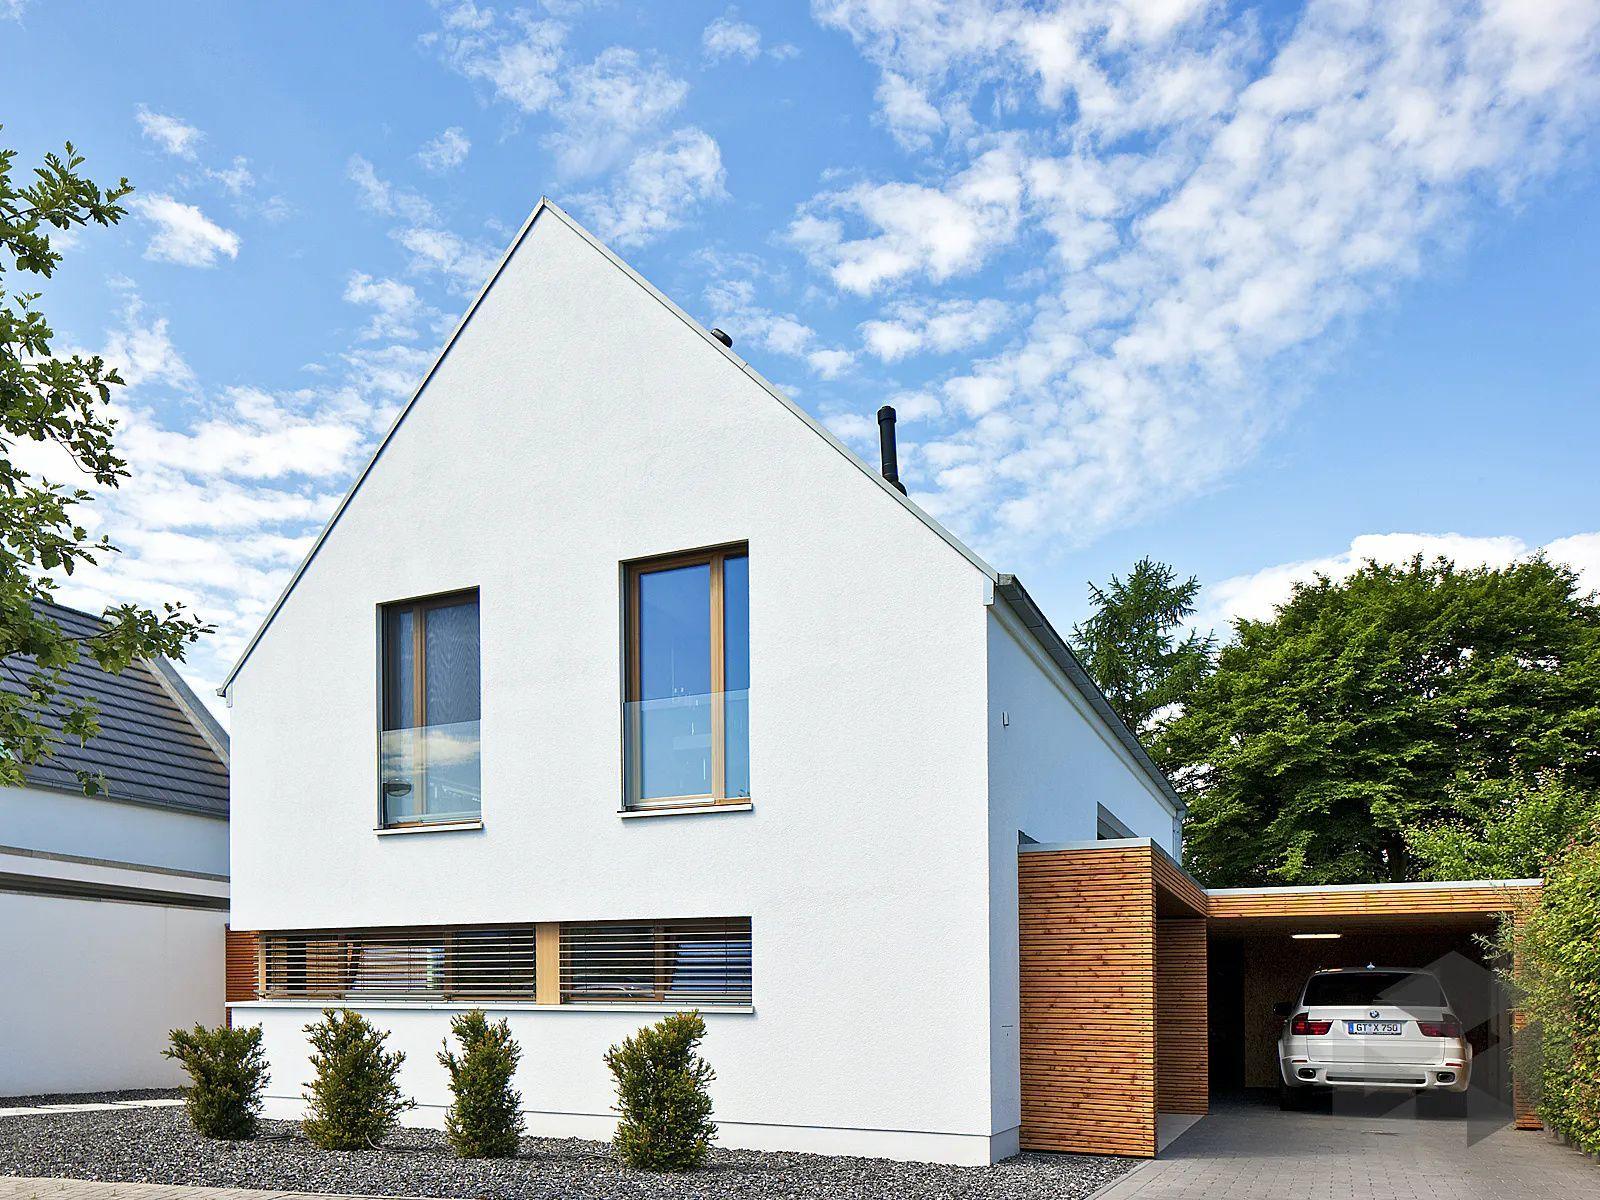 Modernes Satteldachhaus Mit Carport In 2020 Baumeister Haus Haus Schmales Haus Grundrisse